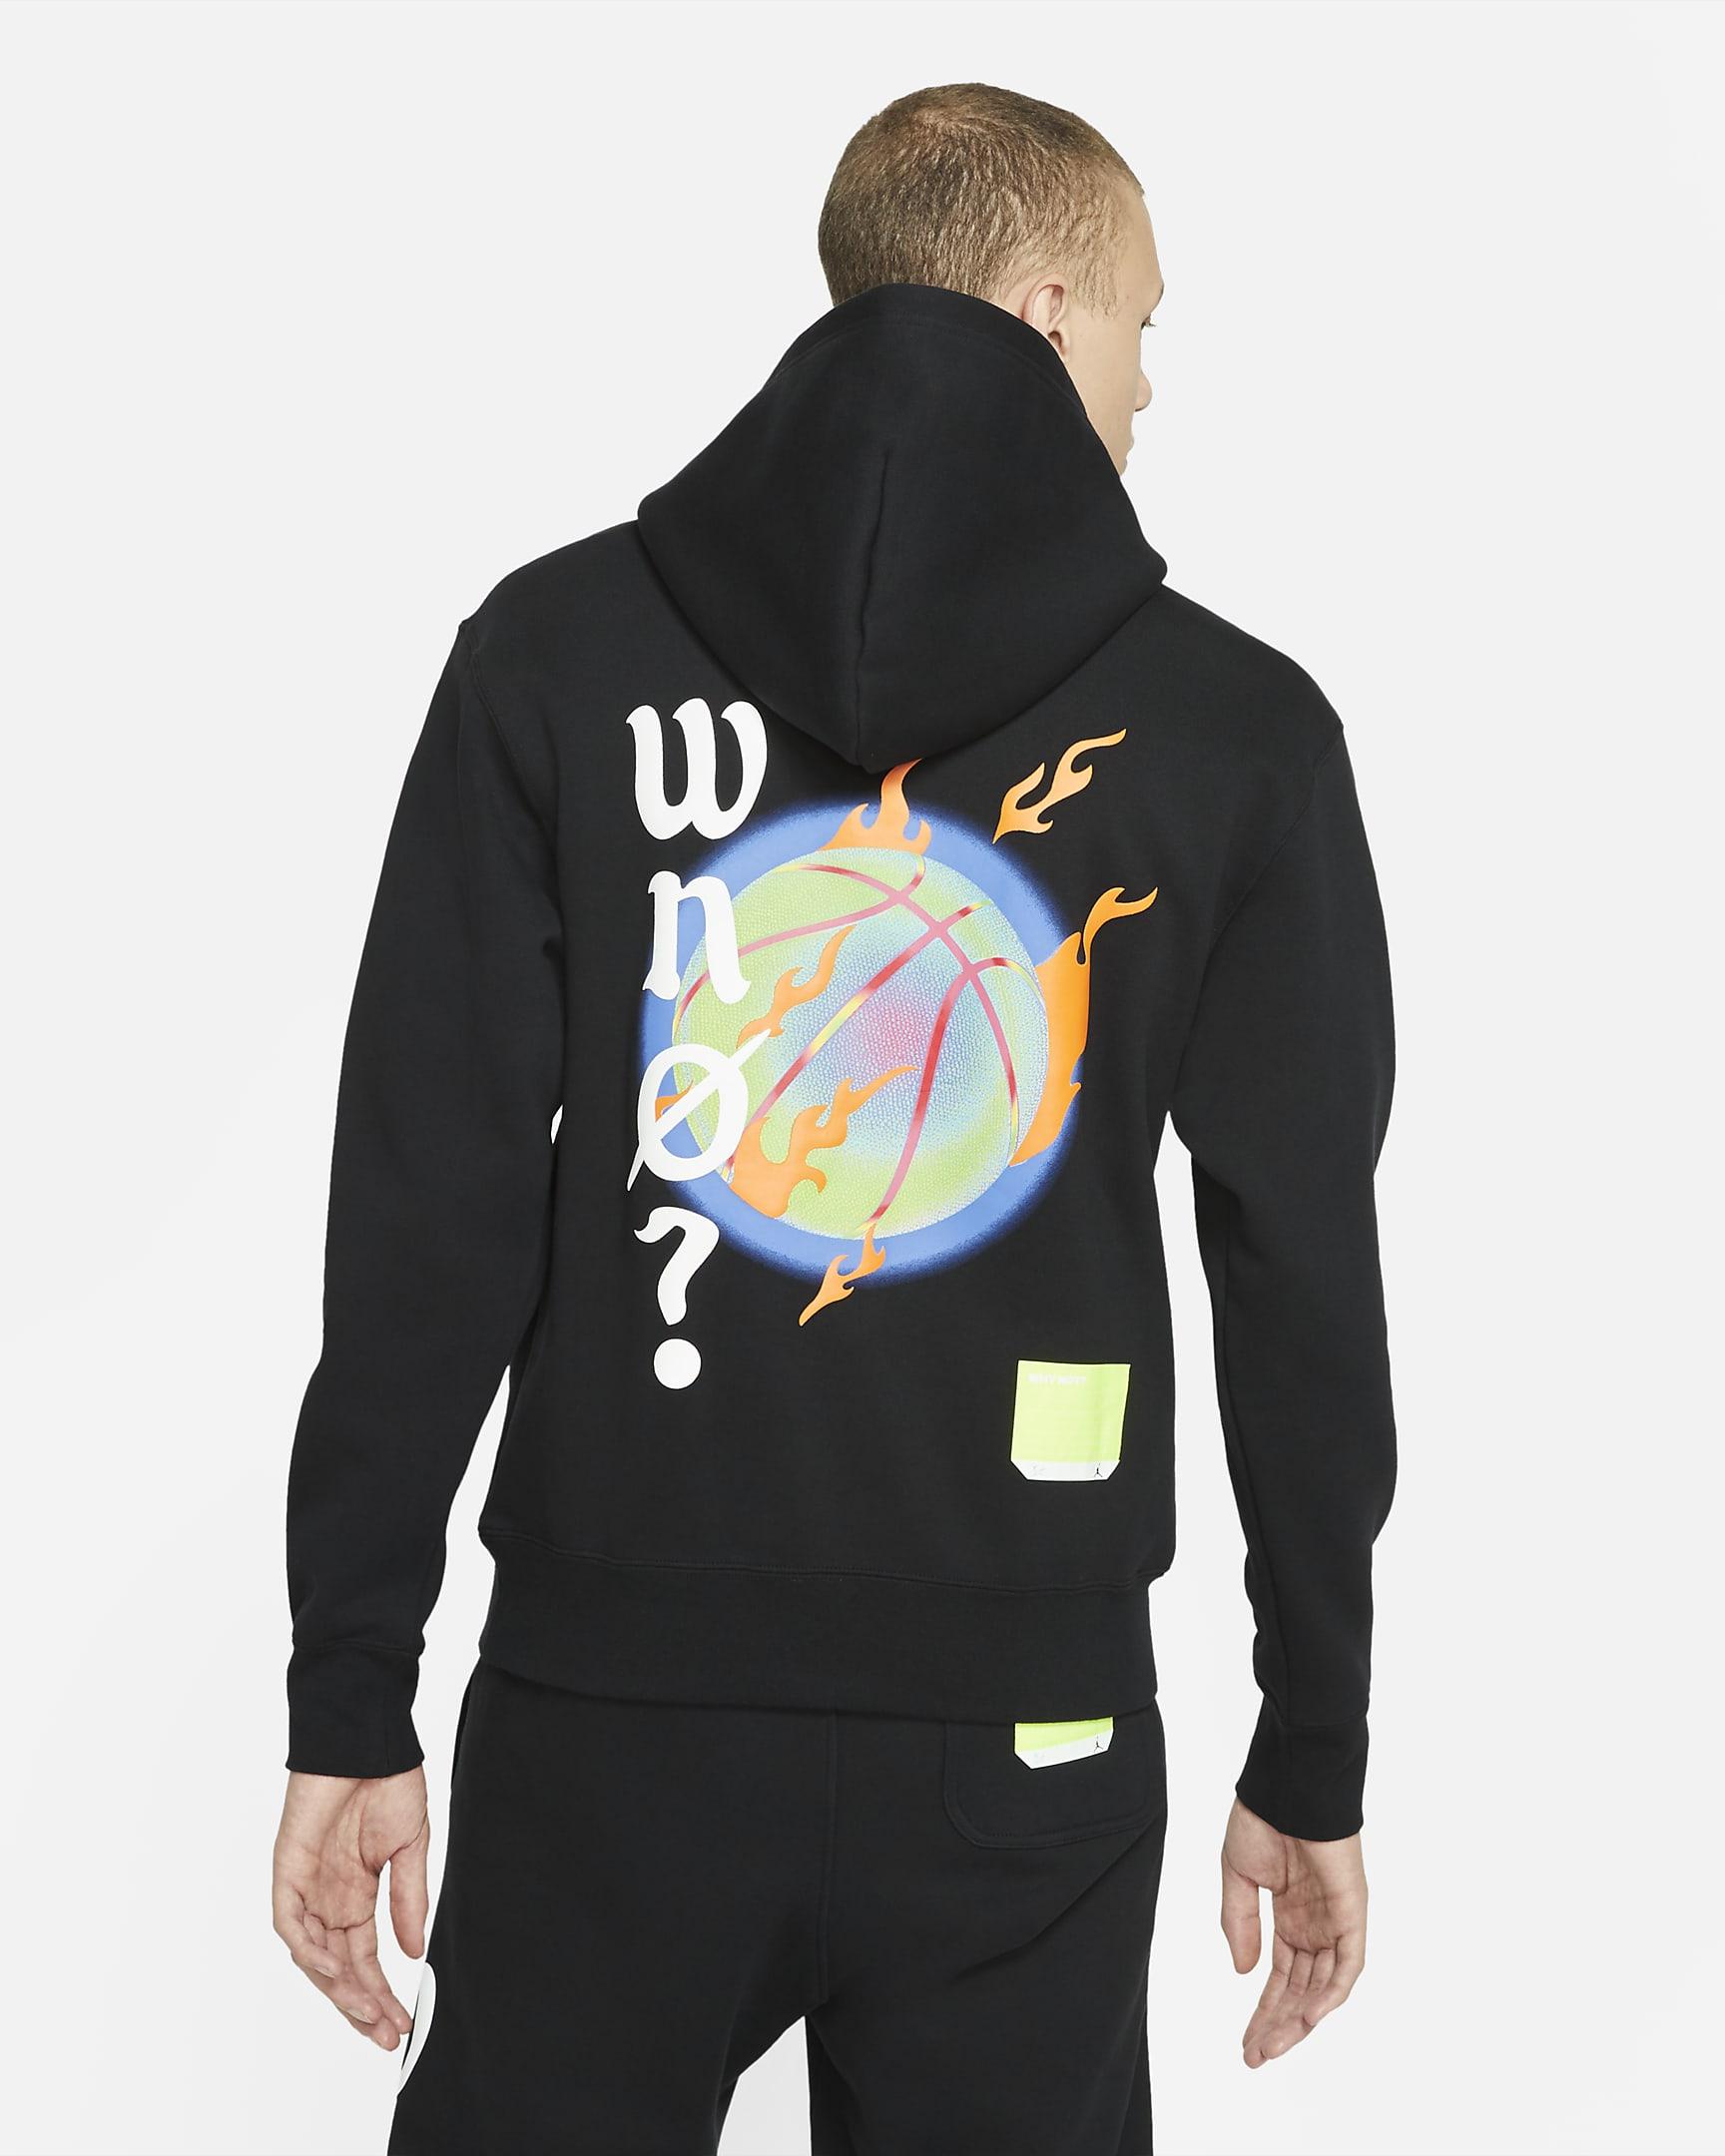 jordan-why-not-fleece-hoodie-LF30Sh-1